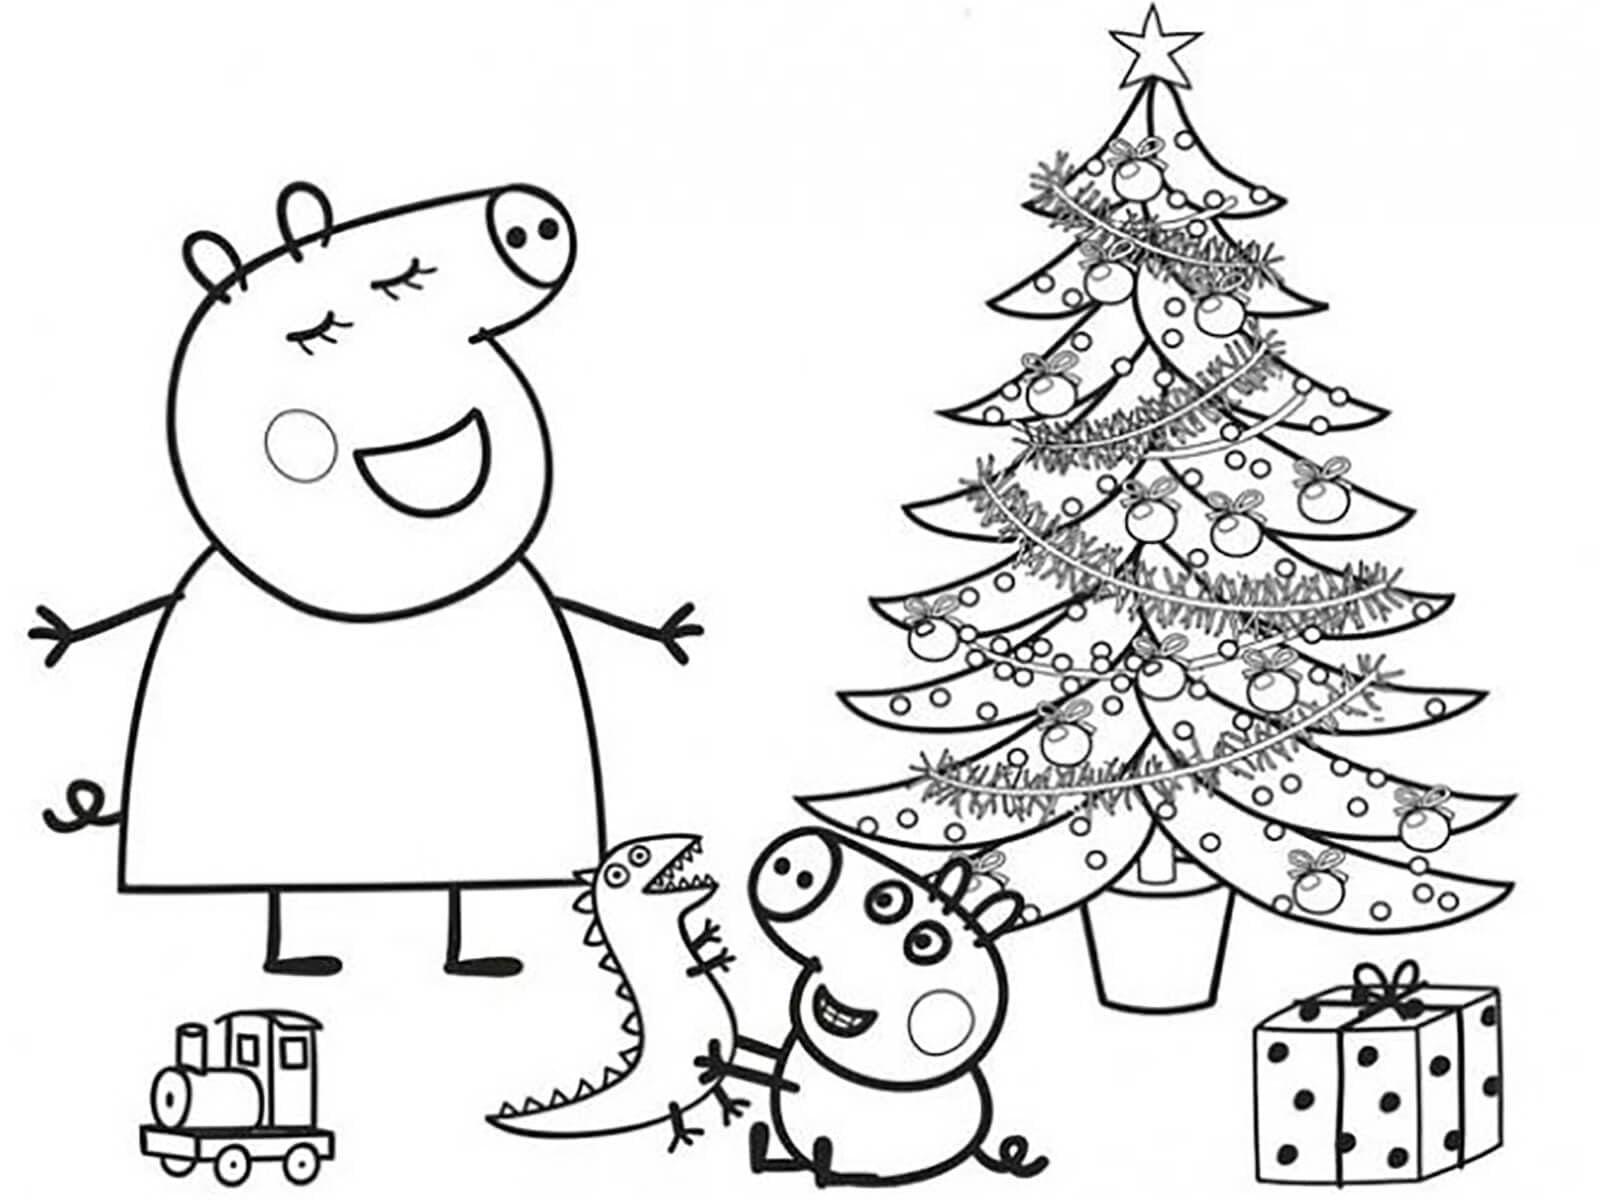 Hình ảnh tô màu bé heo Peppa cực đẹp vào ngày Giáng Sinh